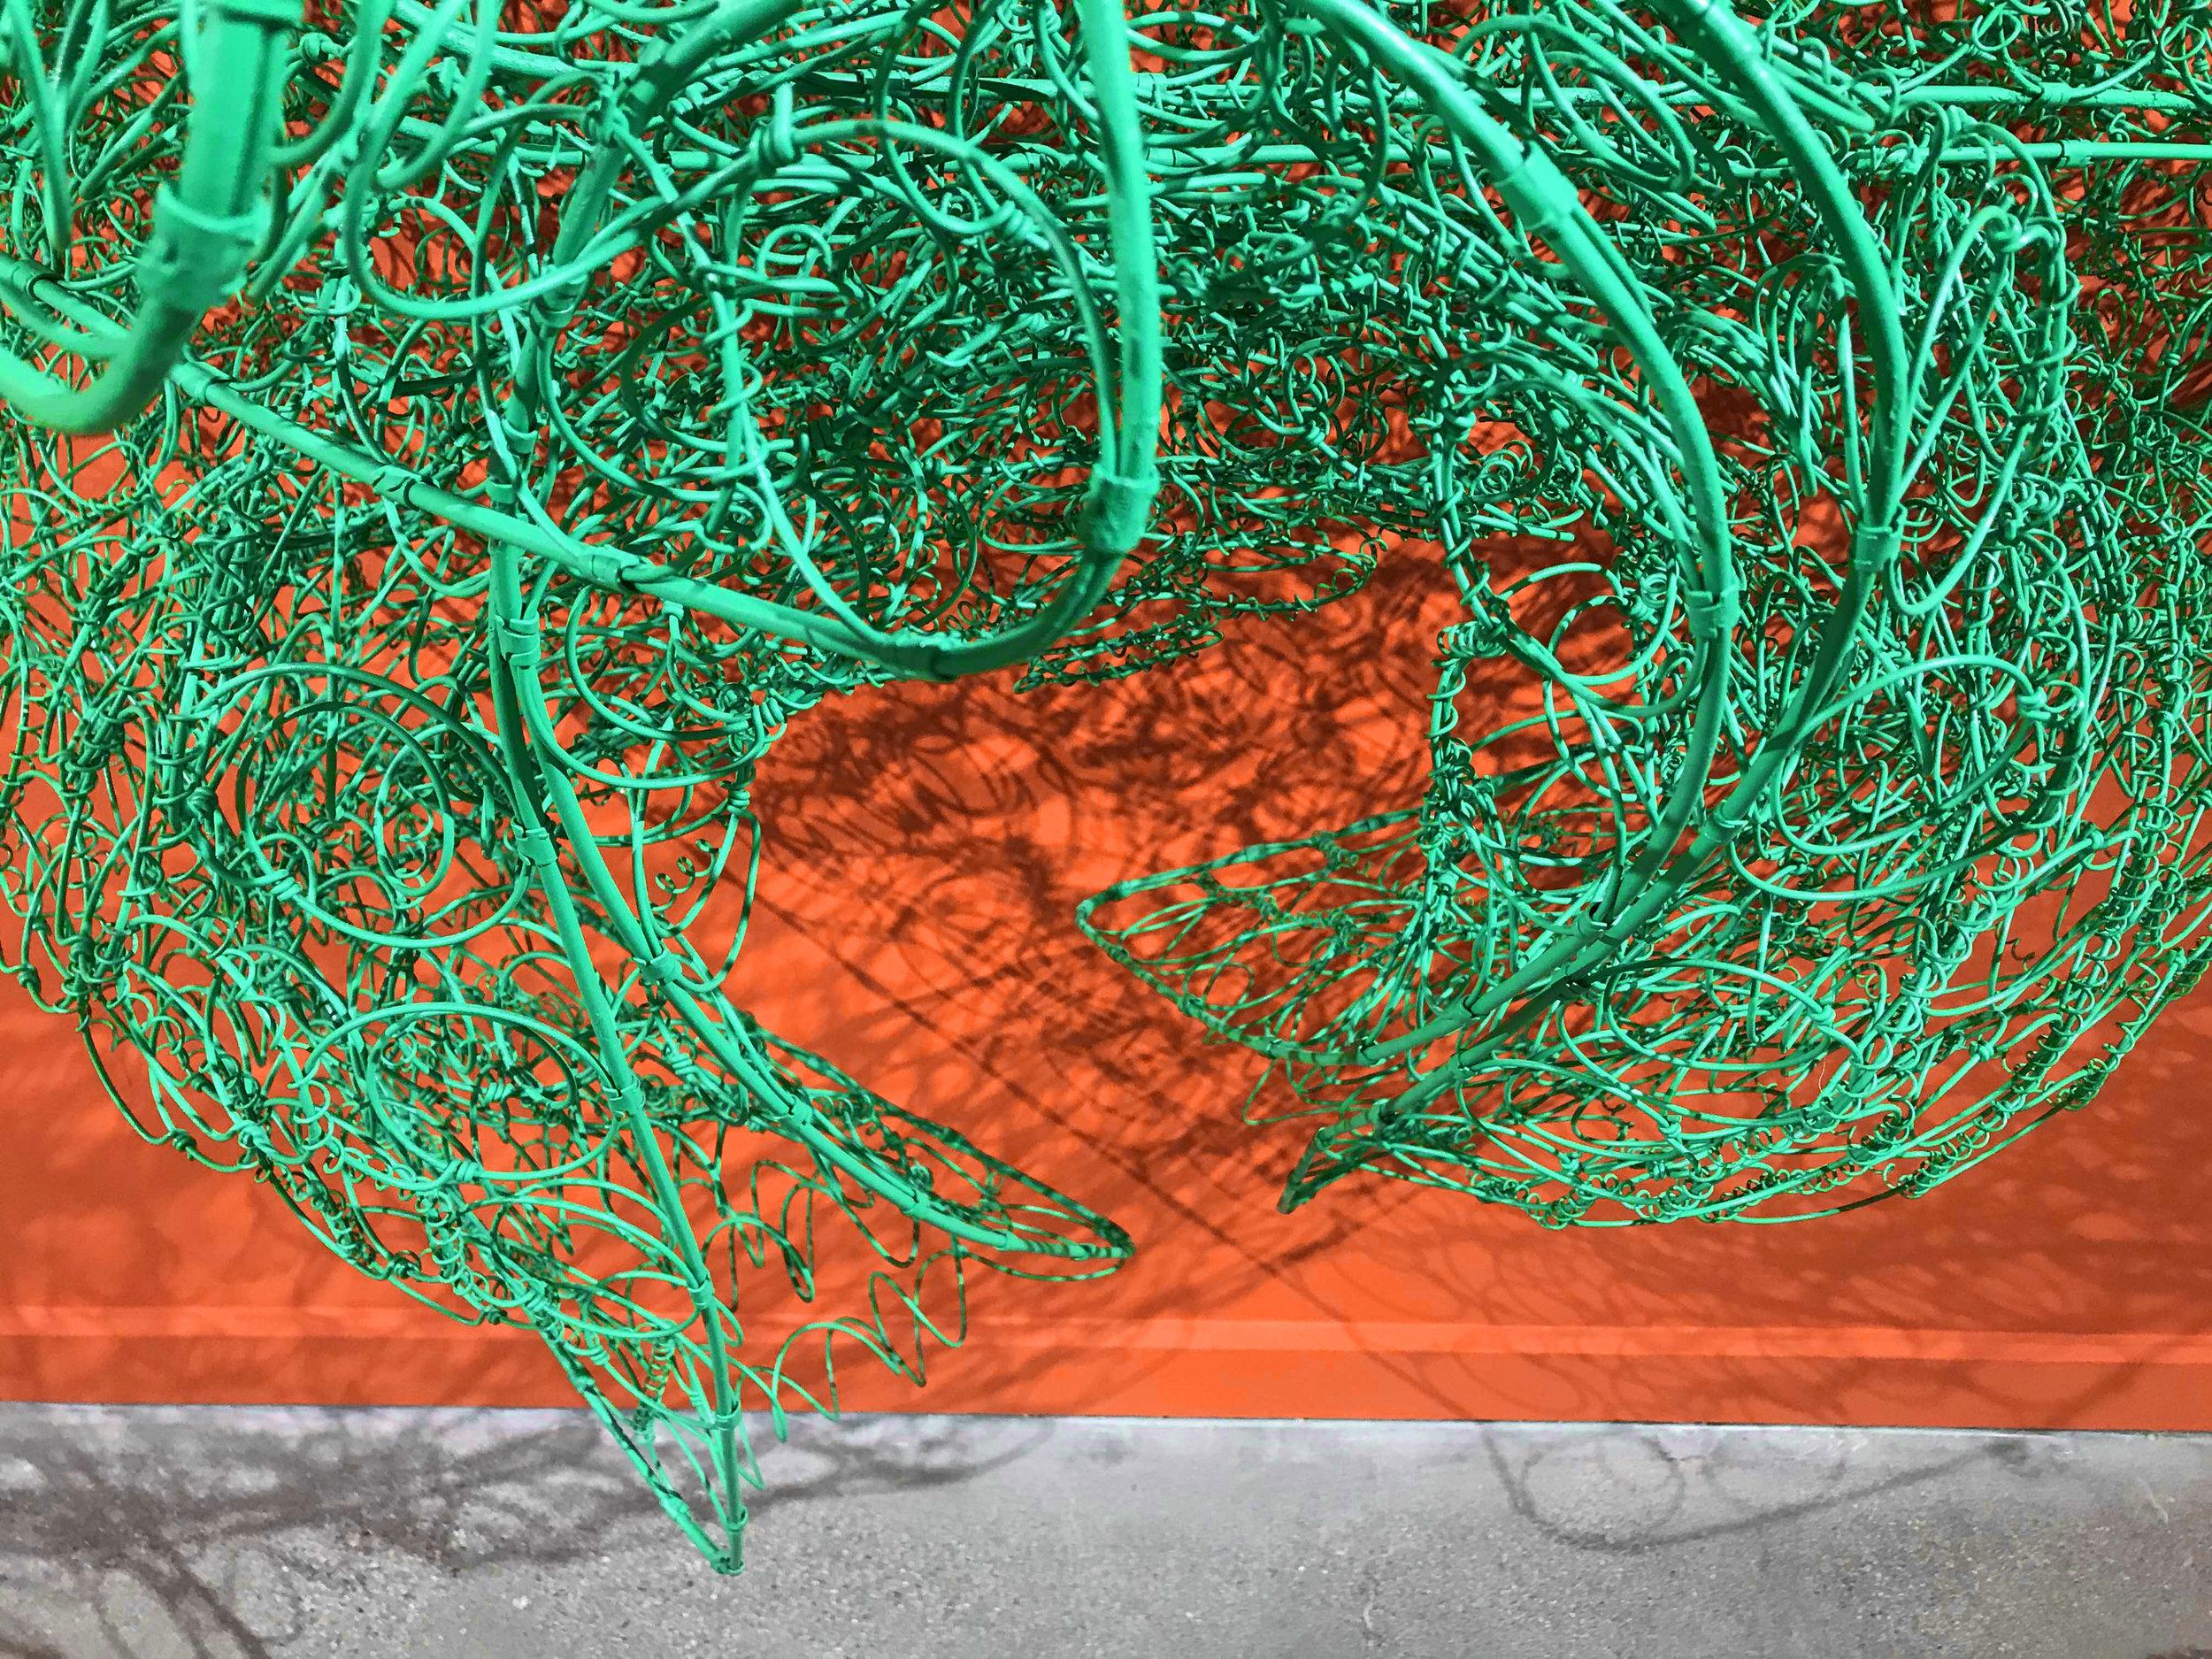 300 folding hue lower grn on orng cu.jpg